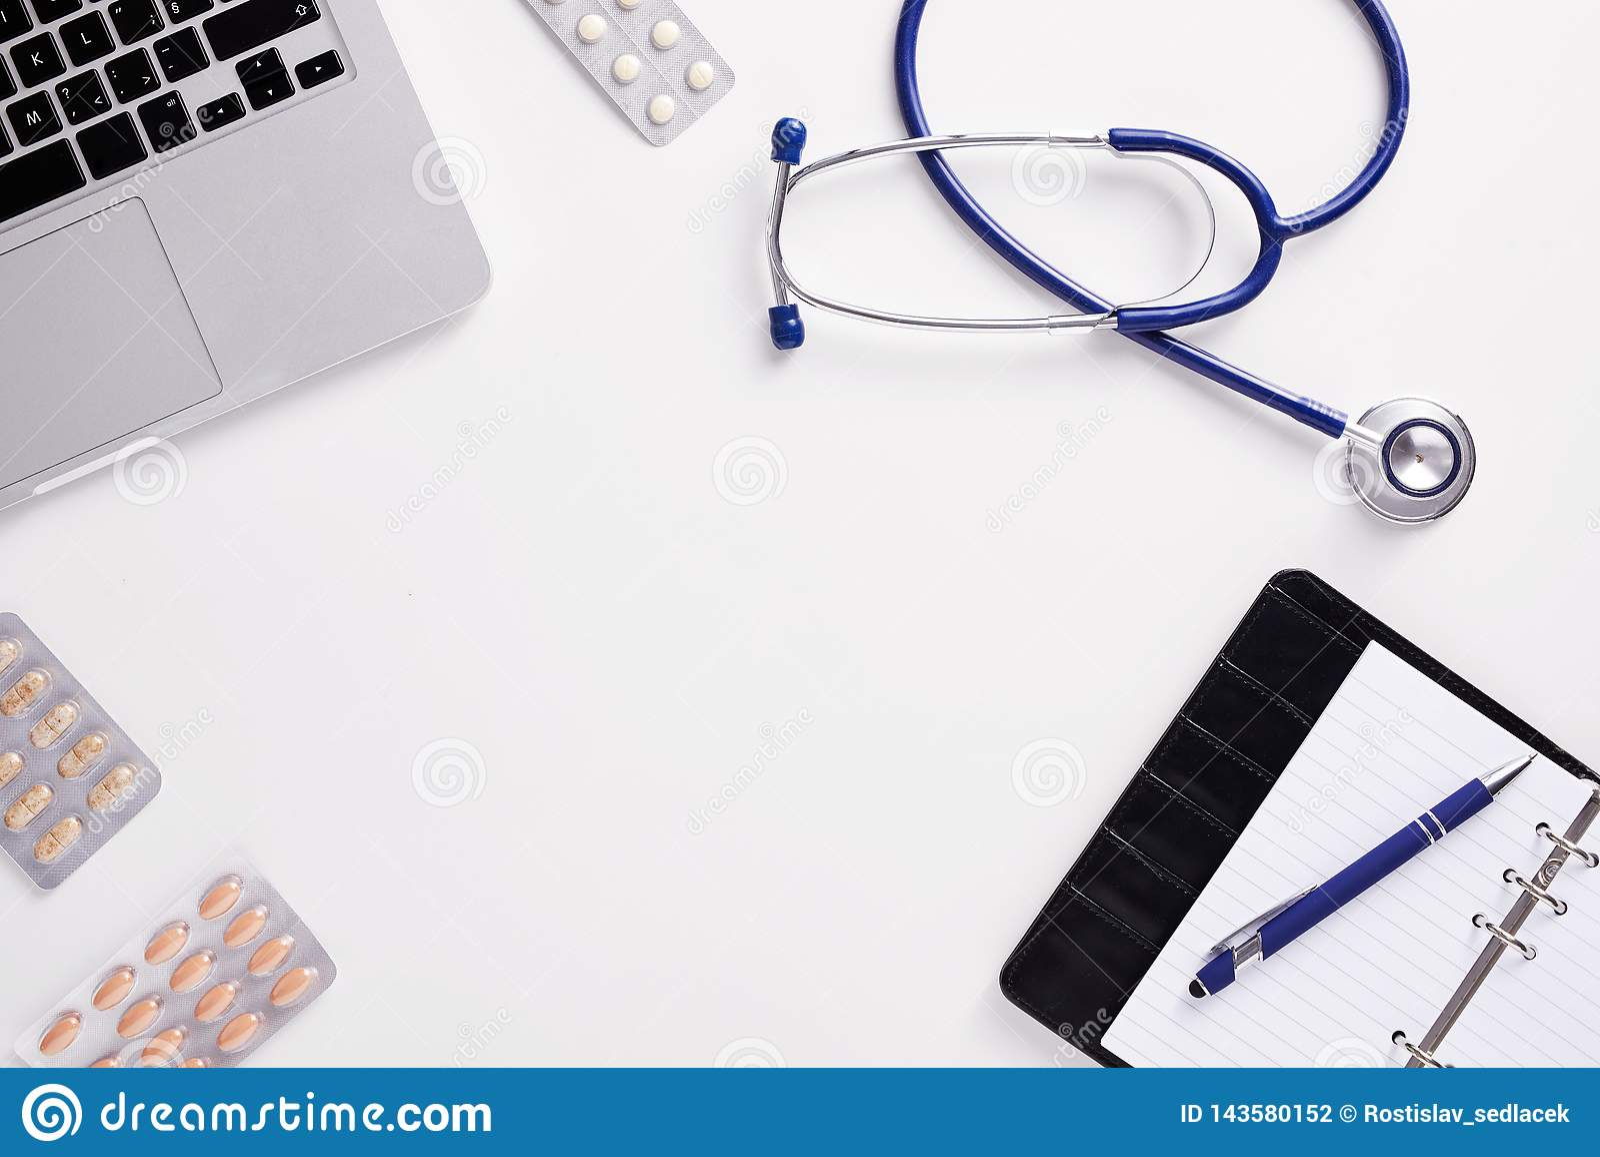 Medicinskt skrivbord med stetoskopet, latptop, piller och tomt papper på skrivplattan